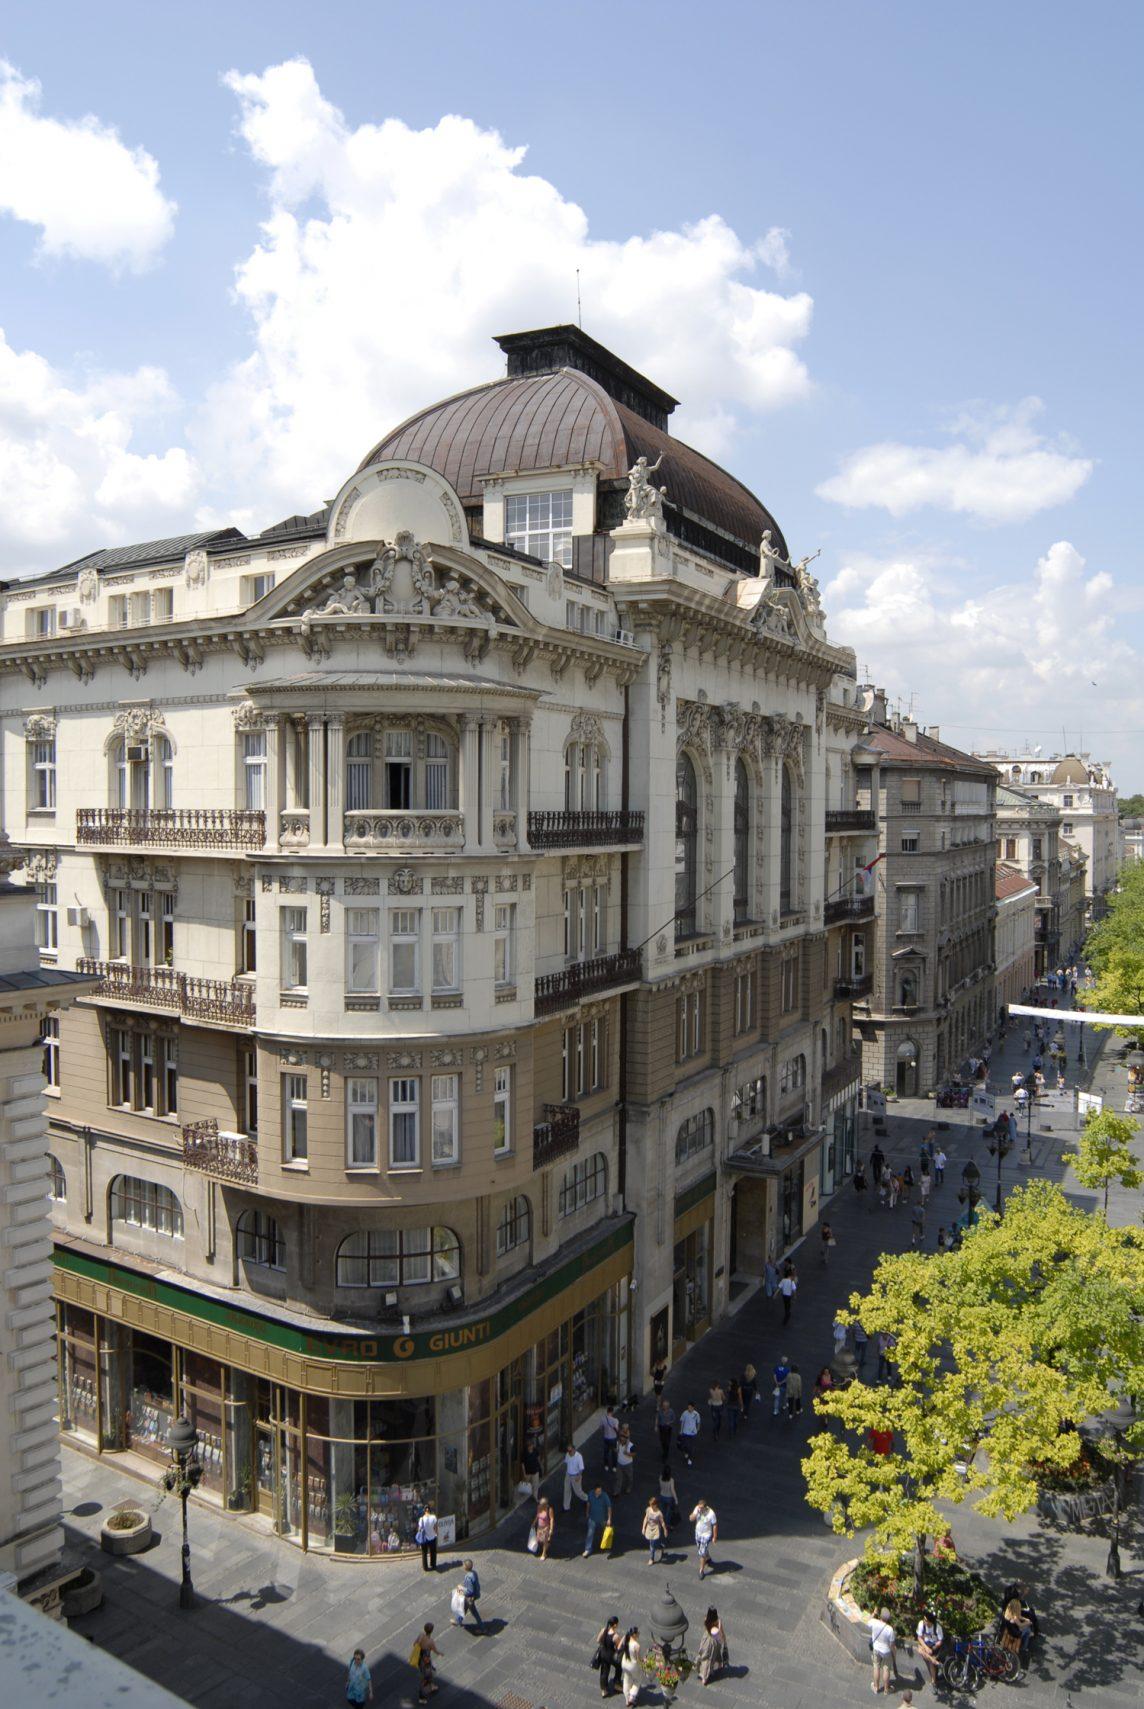 Палата Српске академије наука и уметности саграђена је 1923–1924. године, према пројекту познатих српских архитеката Драгутина Ђорђевића и Андре Стевановића из 1912. године